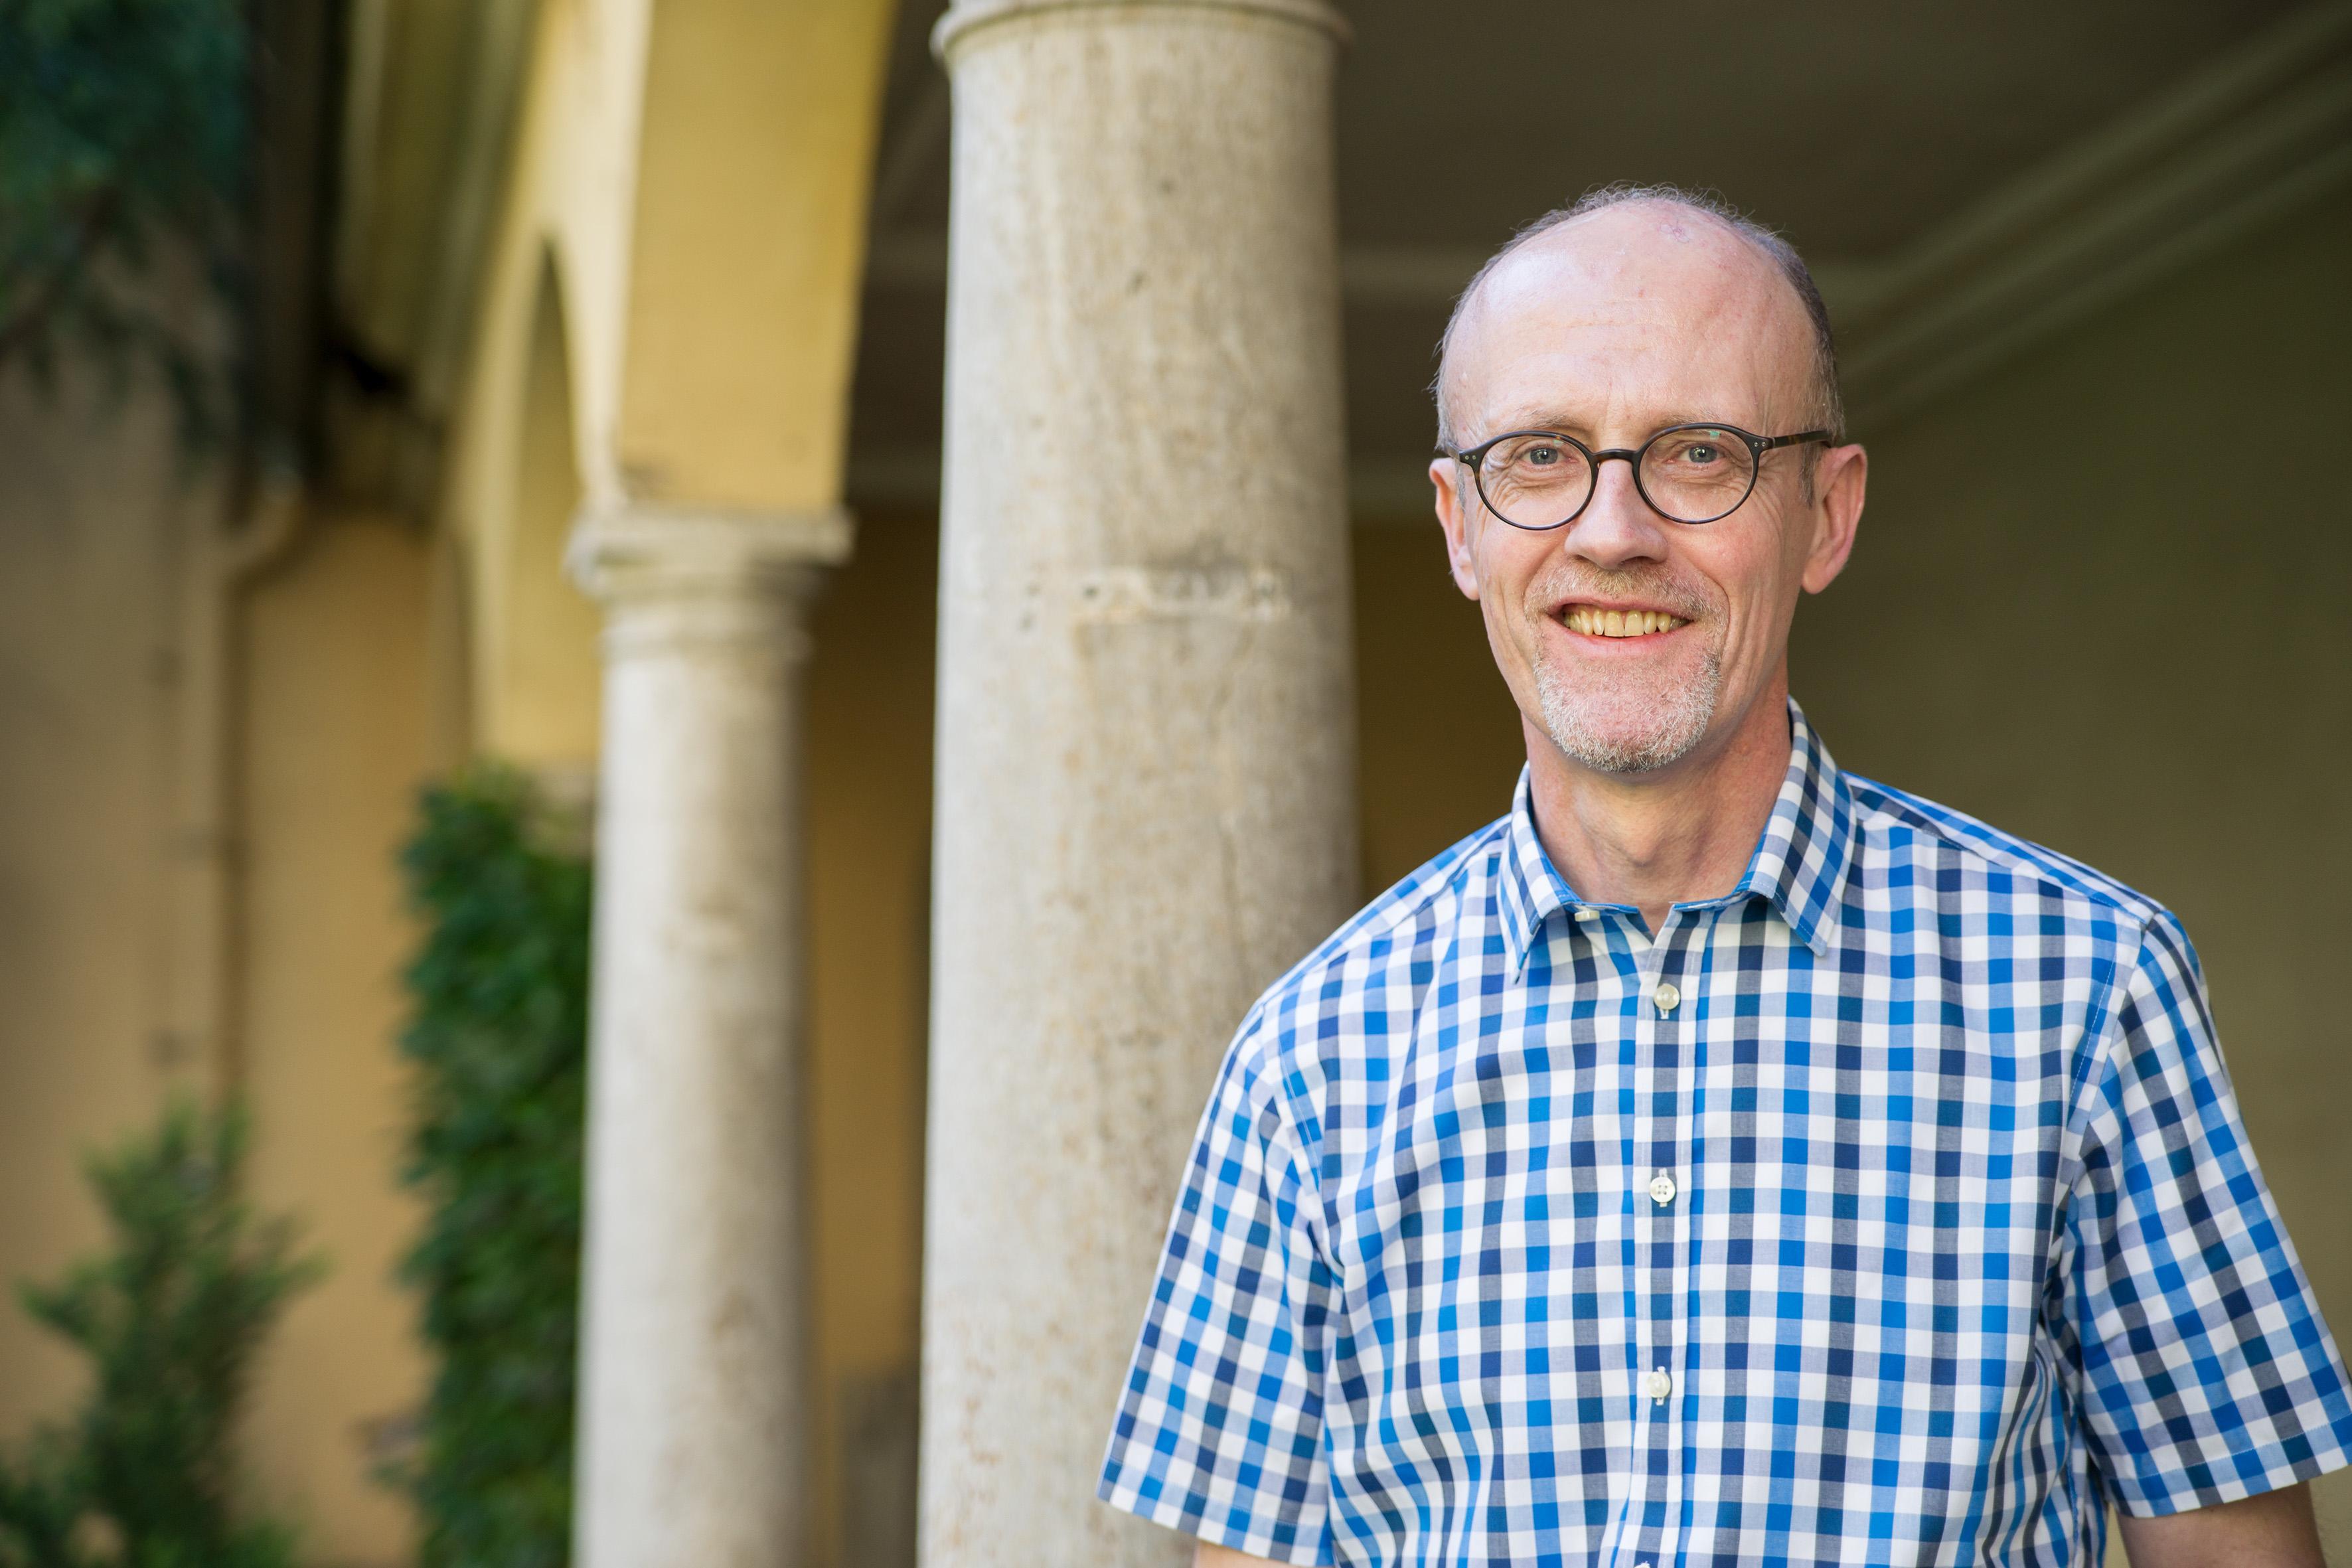 0710b0569acfa6 Der katholische Gemeindereferent Peter Kees arbeitet seit diesem Frühjahr in  der Krankenhausseelsorge des Uniklinikums Würzburg.